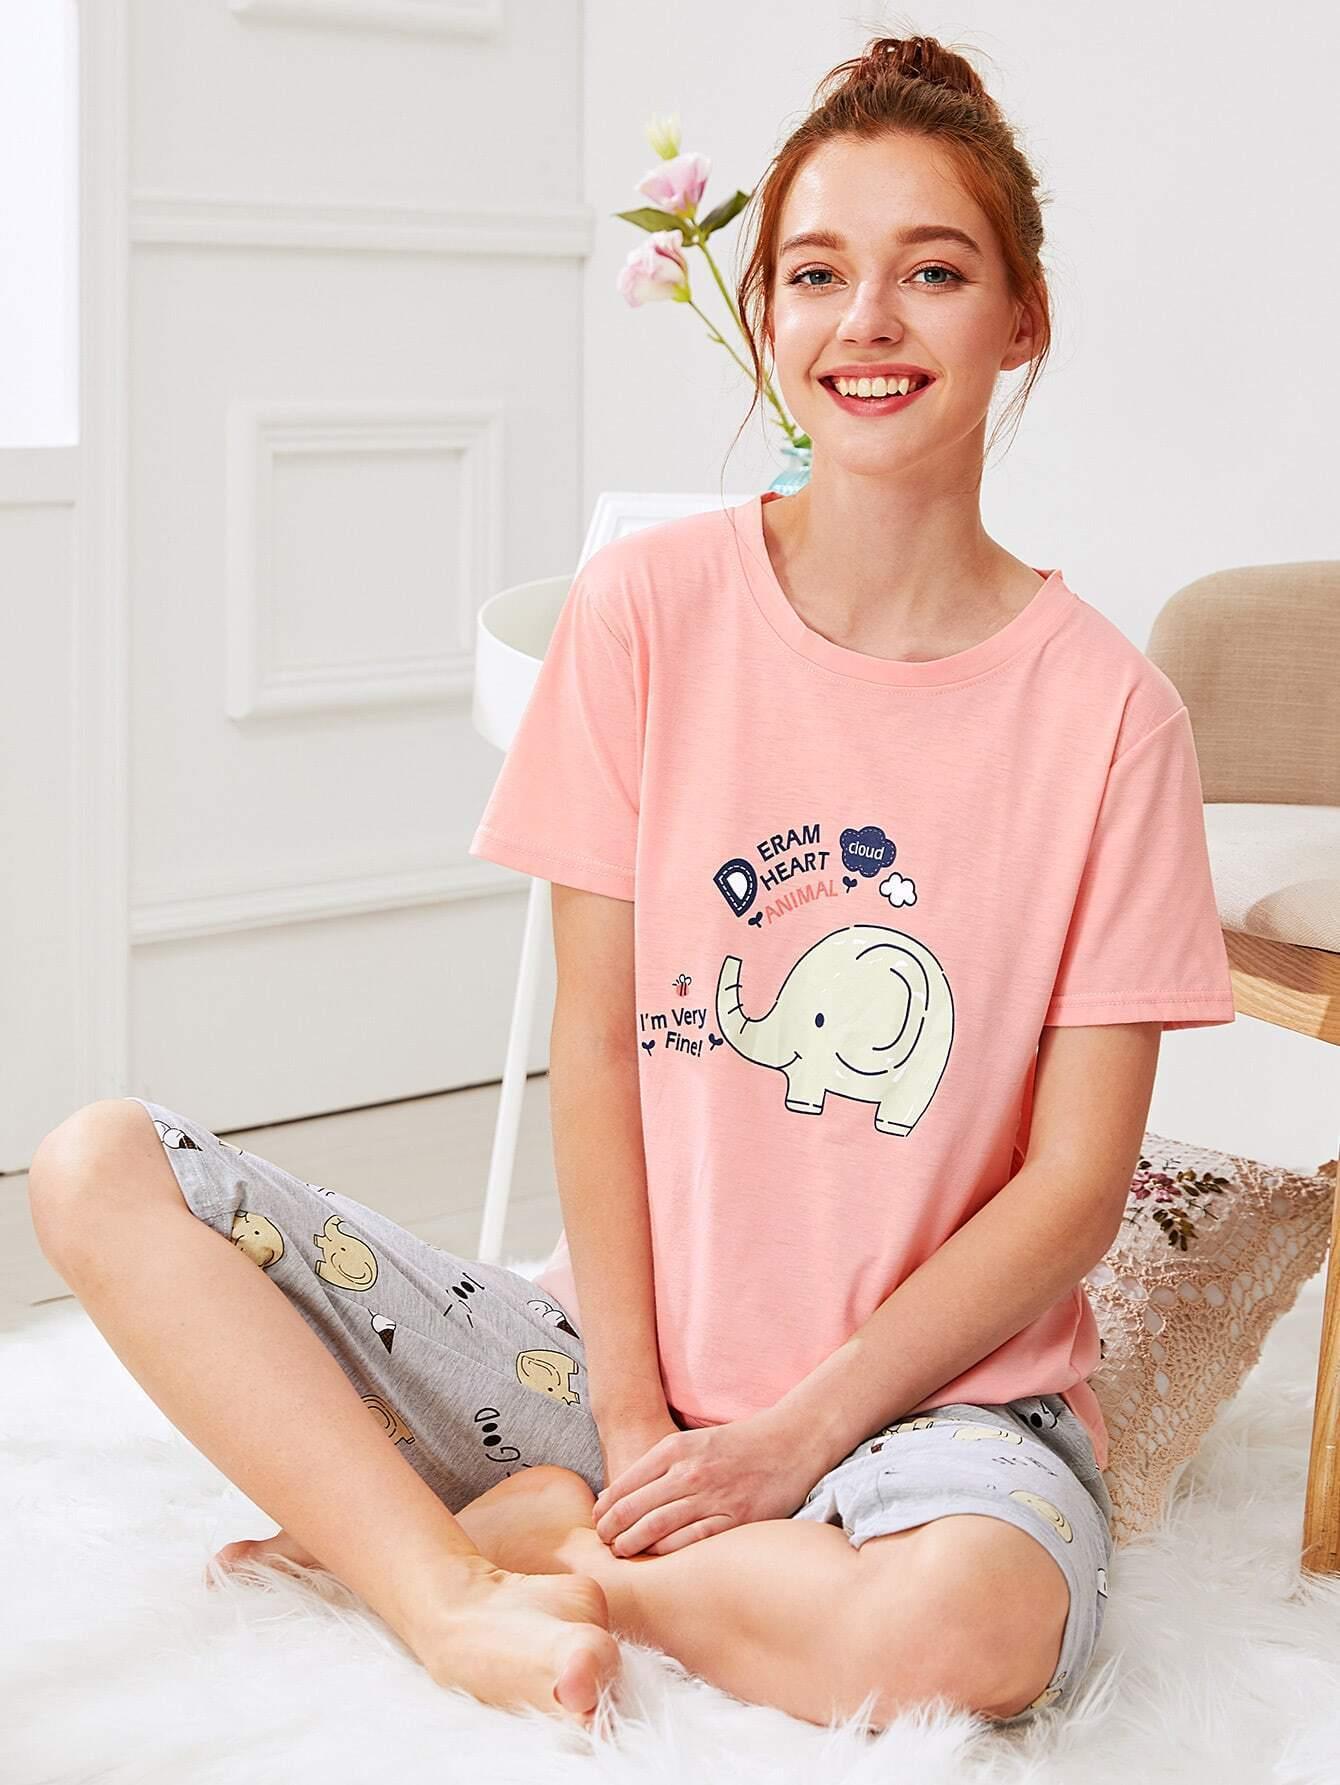 Elephant Print Tee & Pants PJ Set exmork 100 вт 12 в poly si